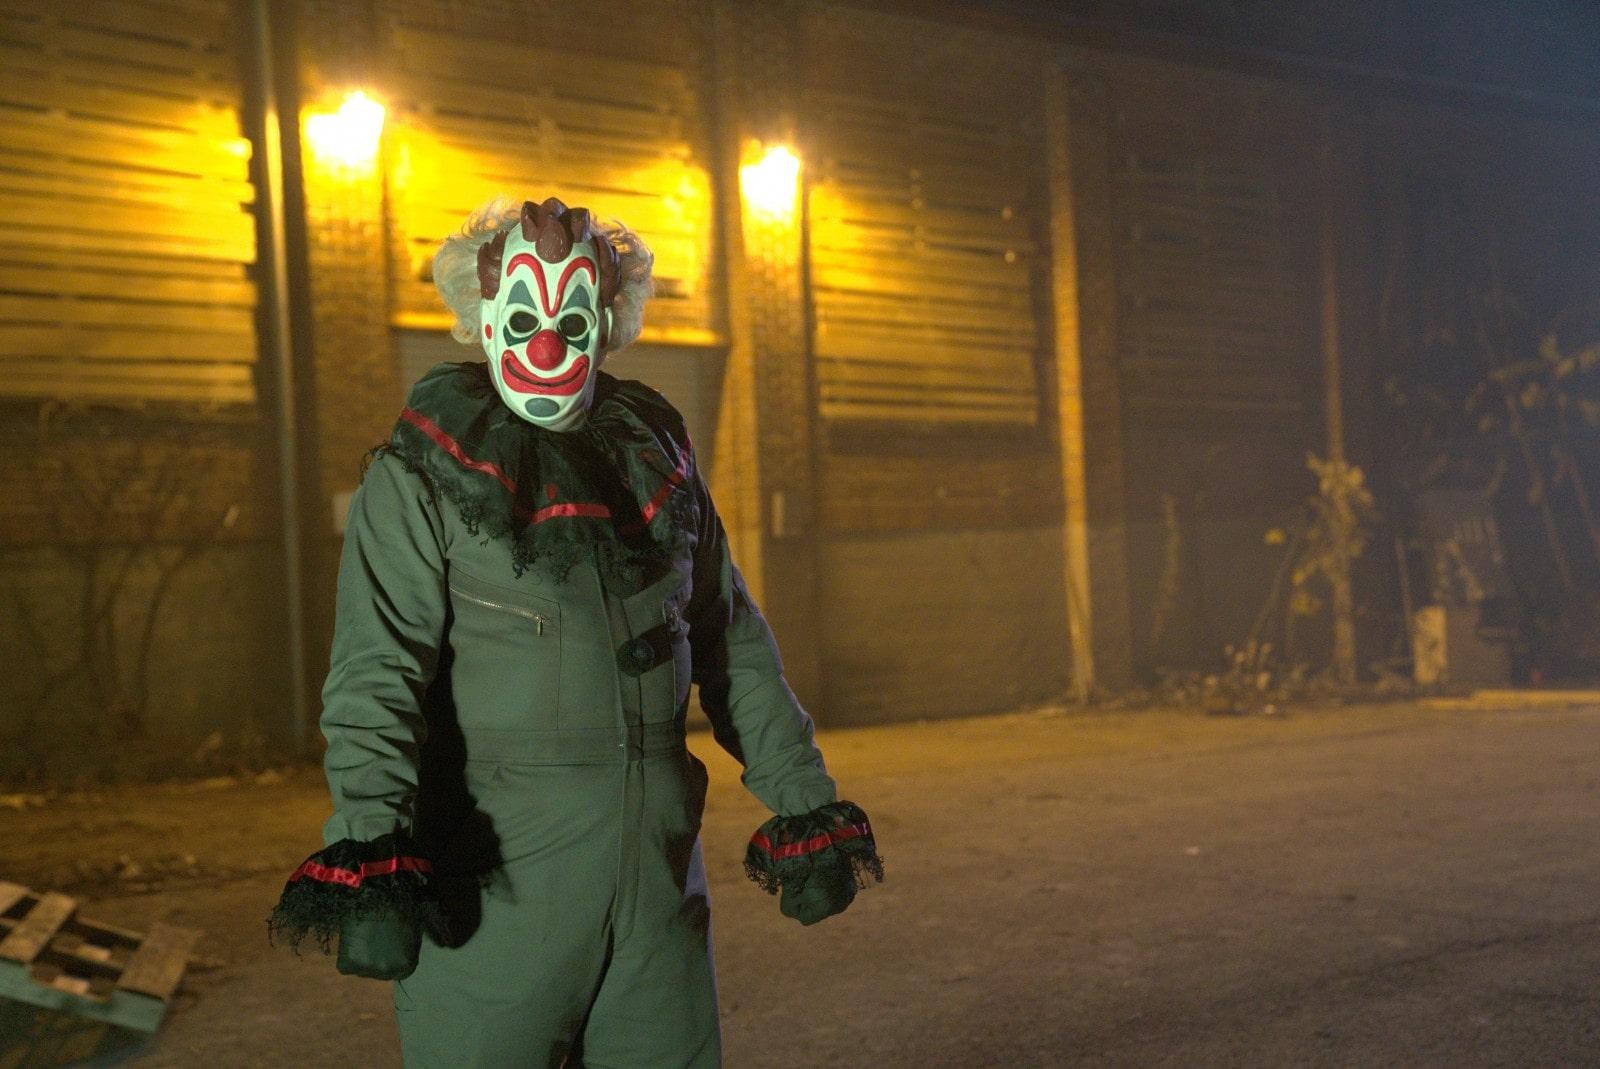 04_der Clown begrüsst die Gruppe